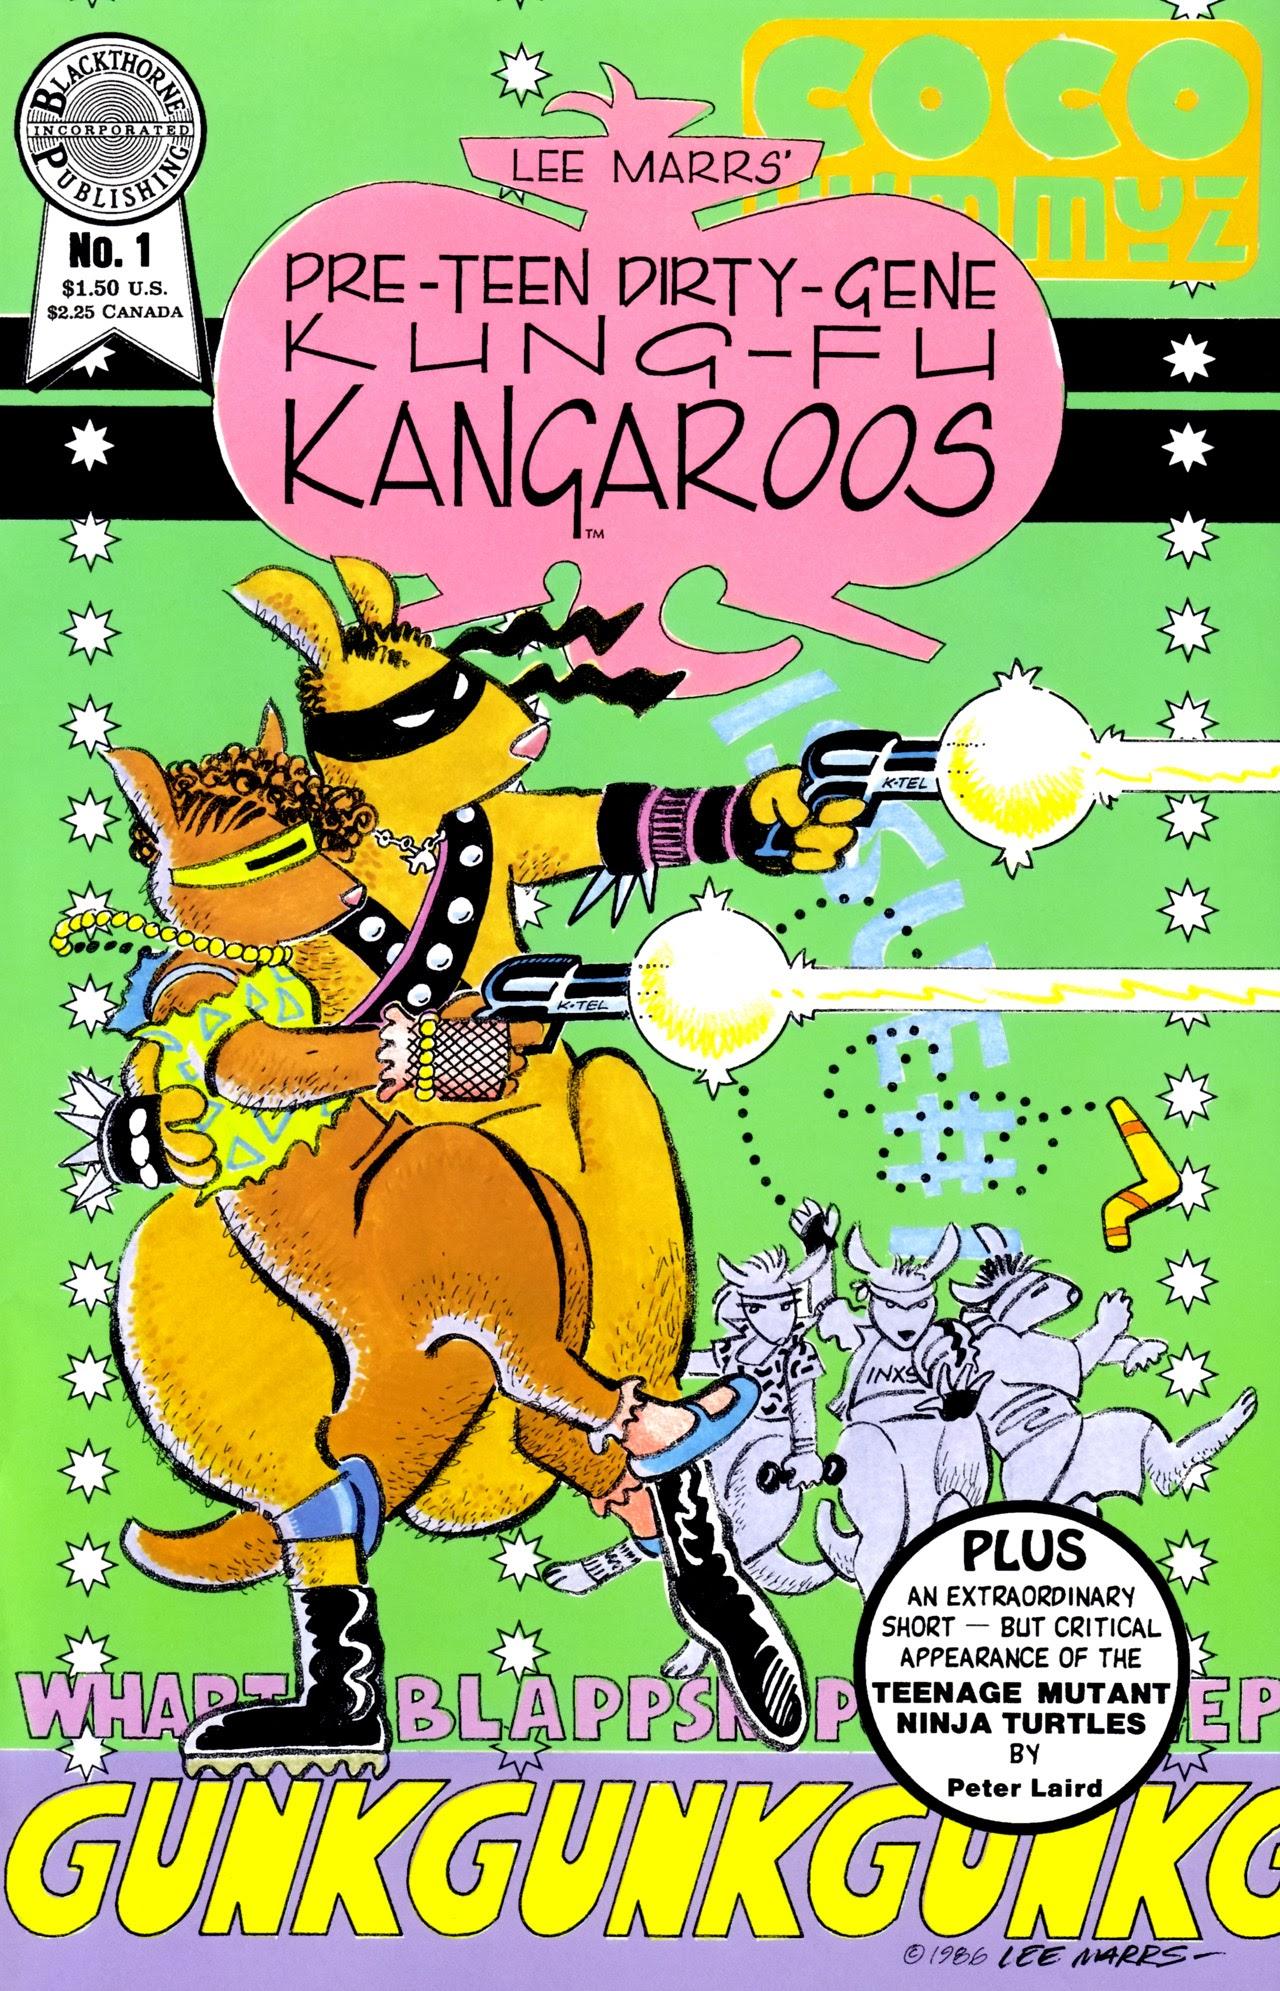 Pre-Teen Dirty-Gene Kung-Fu Kangaroos 1 Page 1